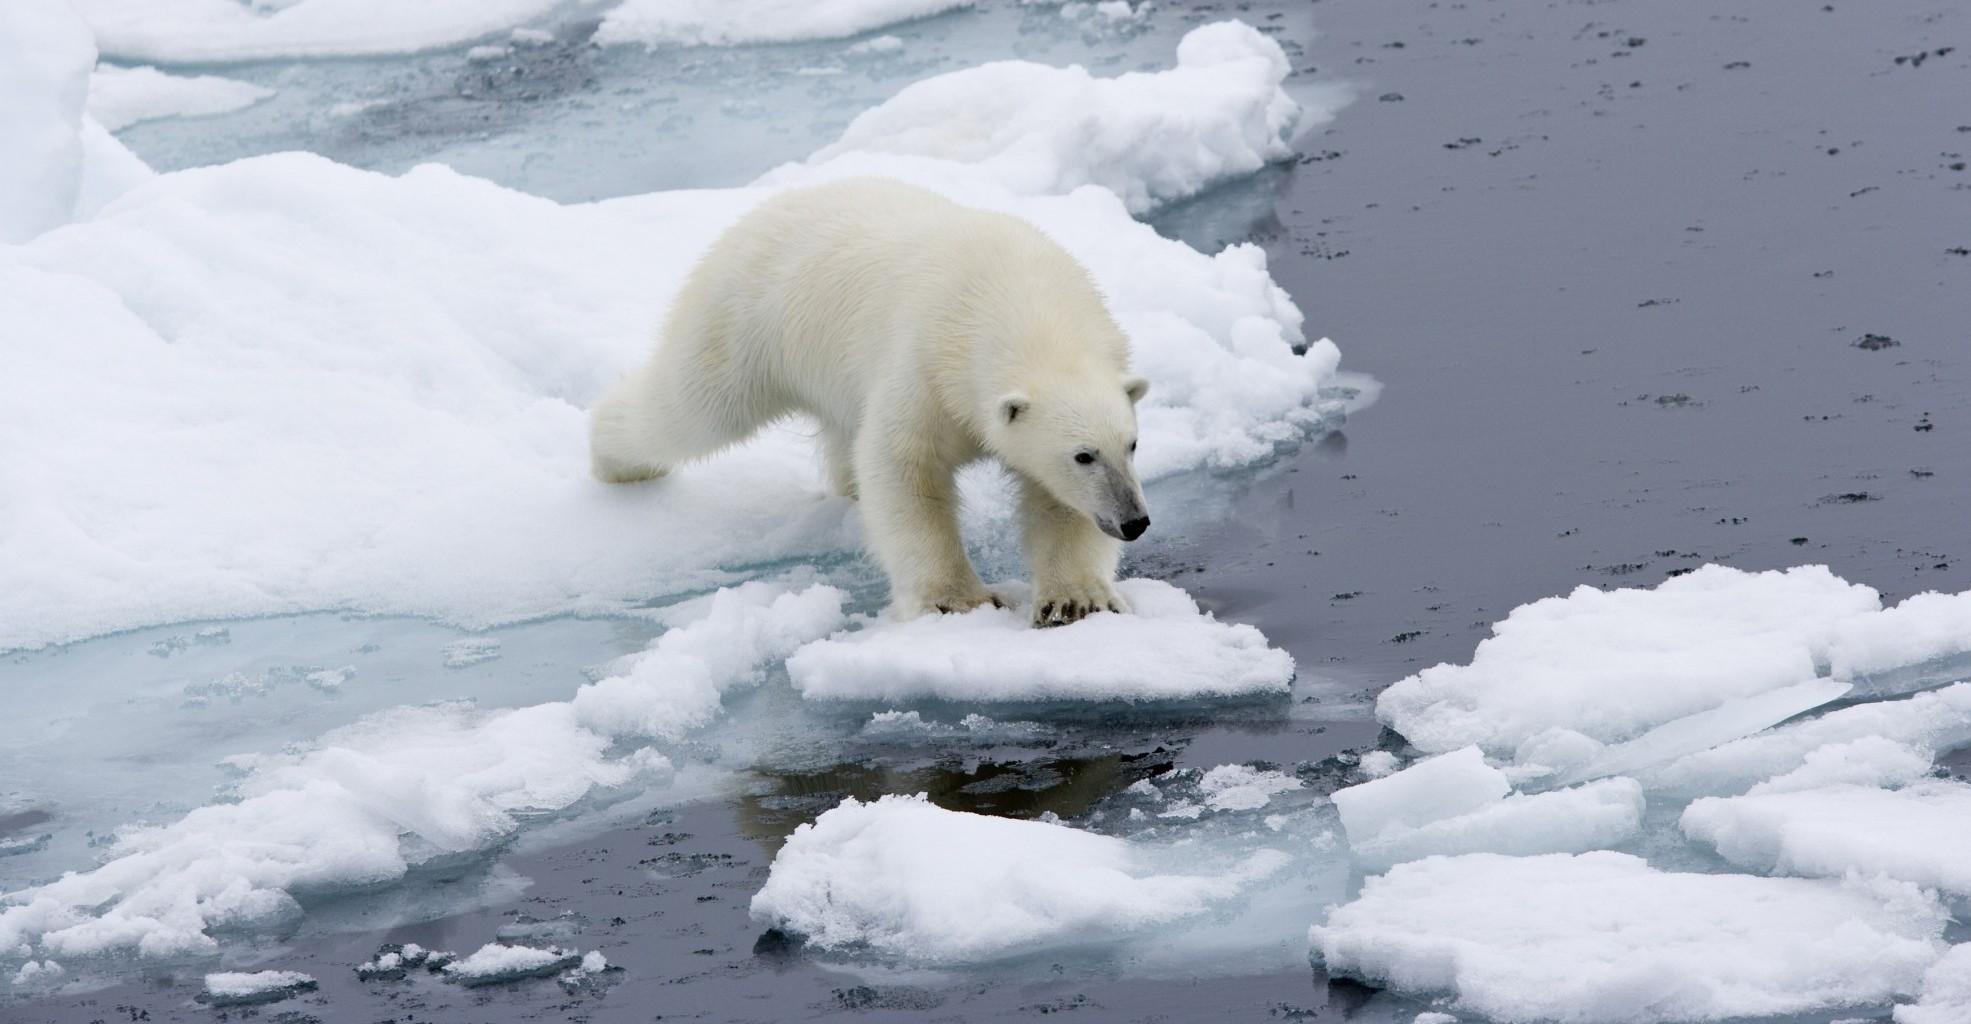 Arctic-Polar-Bear-by-Franco-Banfi-e1439452734671